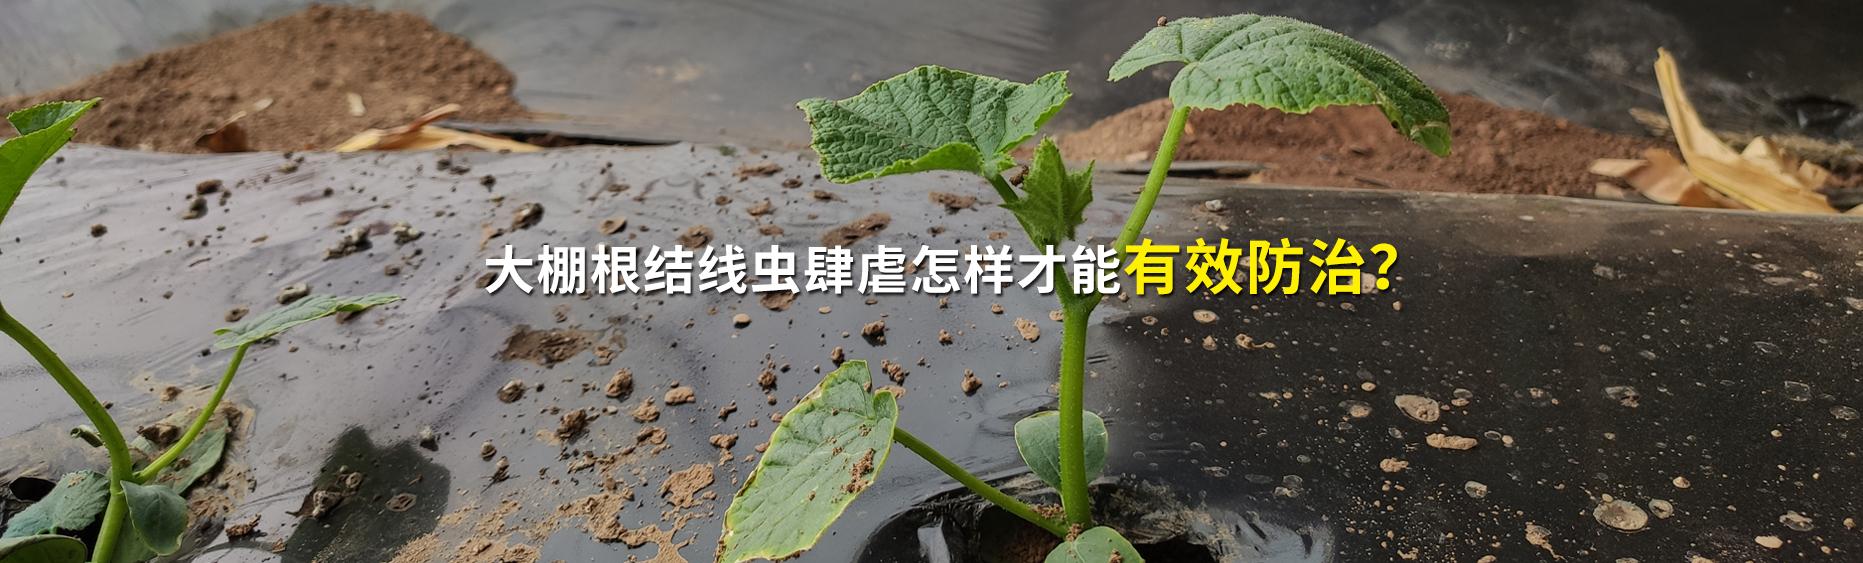 玉米专用肥